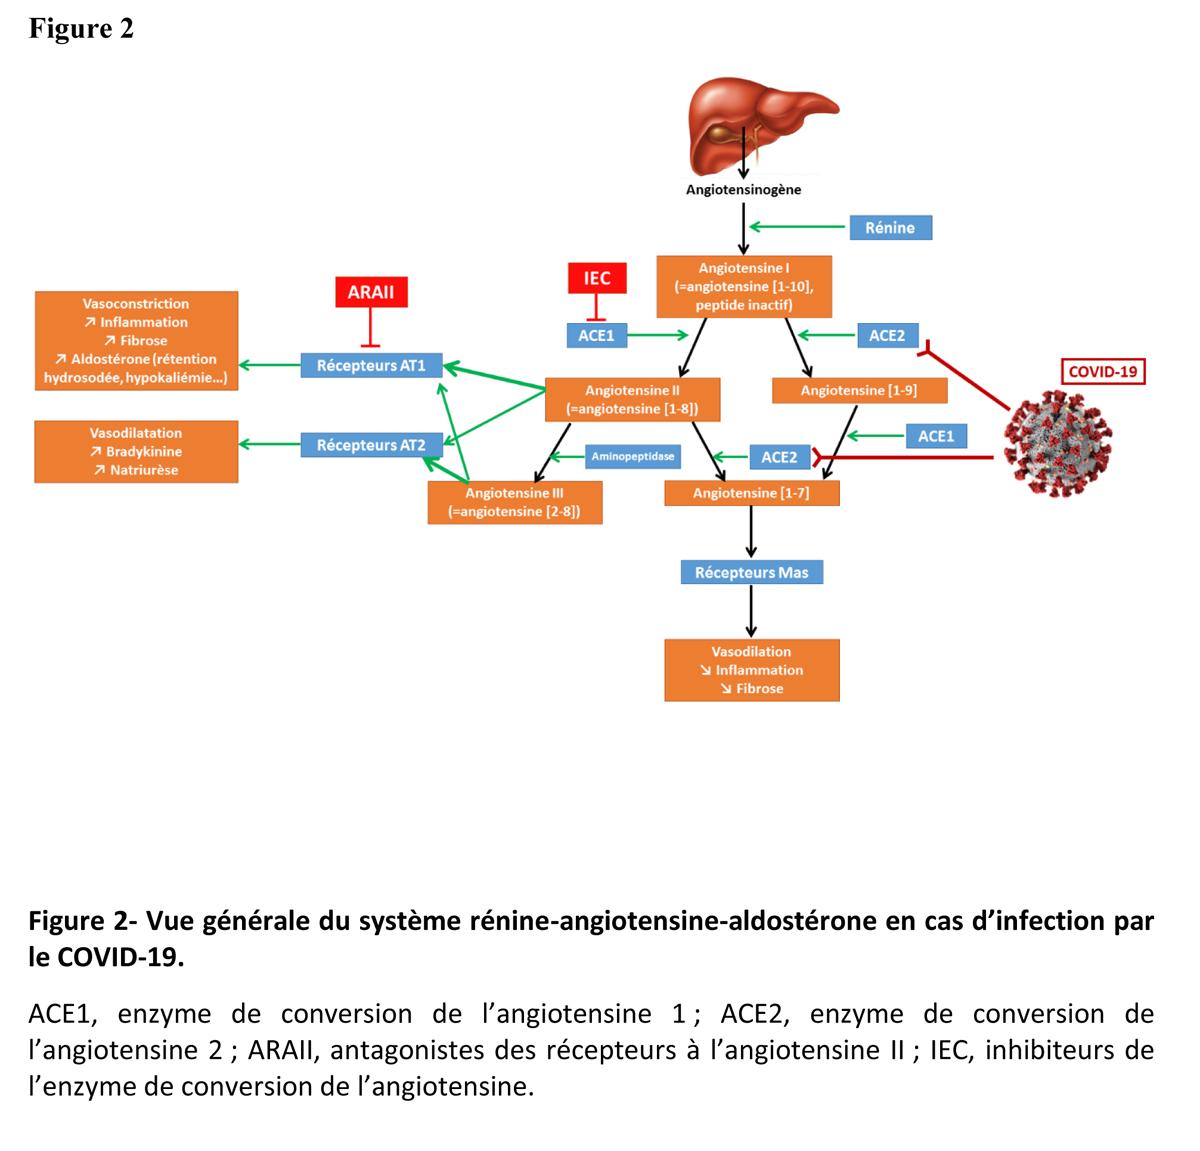 Figure 2- Vue générale du système rénine-angiotensine-aldostérone en cas d'infection par le COVID-19.